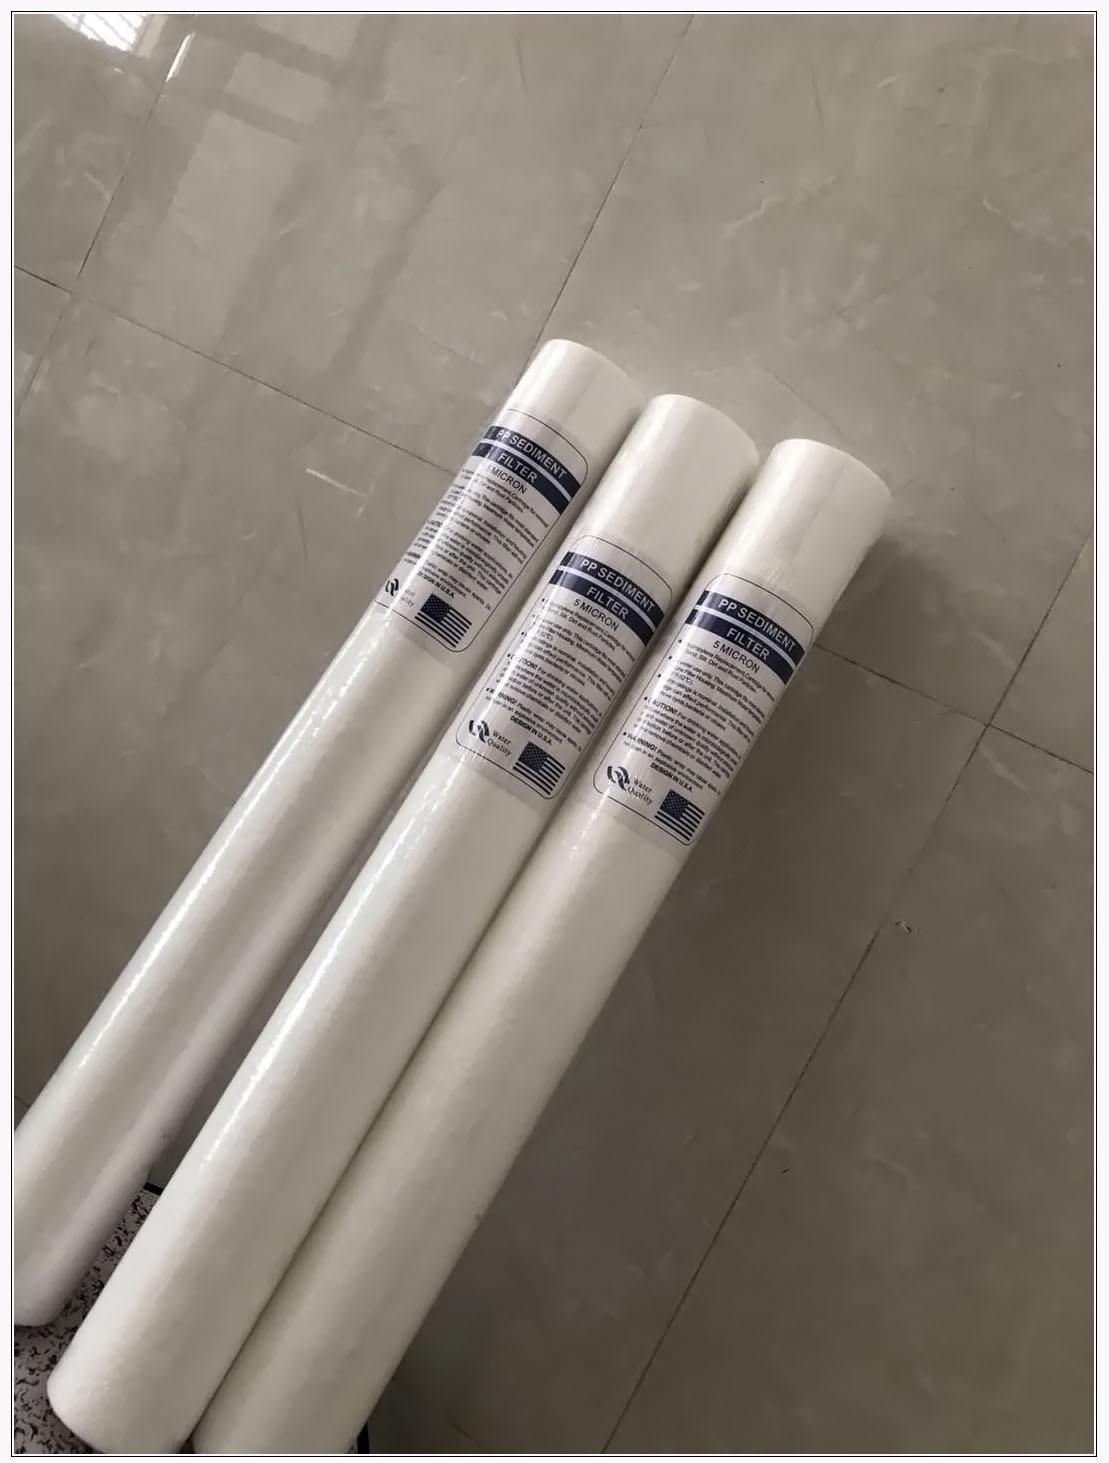 厂家直销水处理PP棉滤芯|价格优惠质量保证|水视界水处理设备